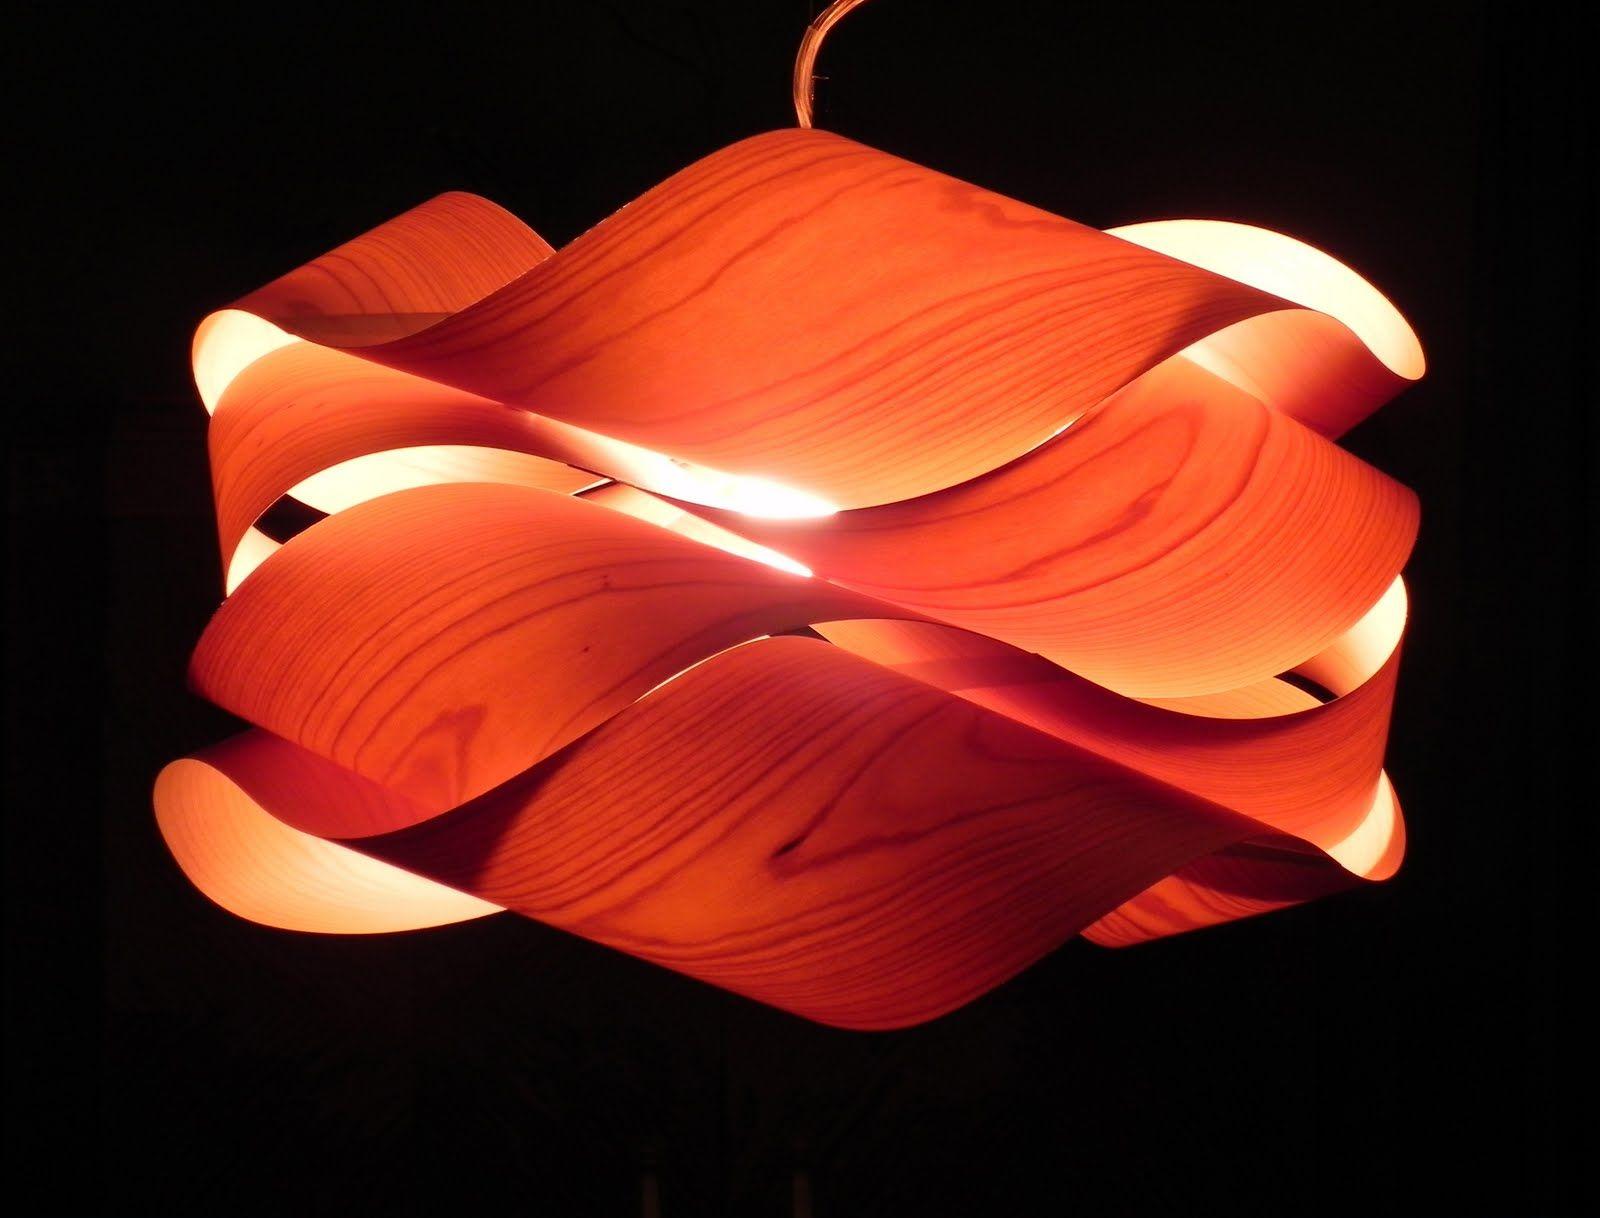 wood veneer lighting. Link Suspension Light - Small Wood Veneer Lighting